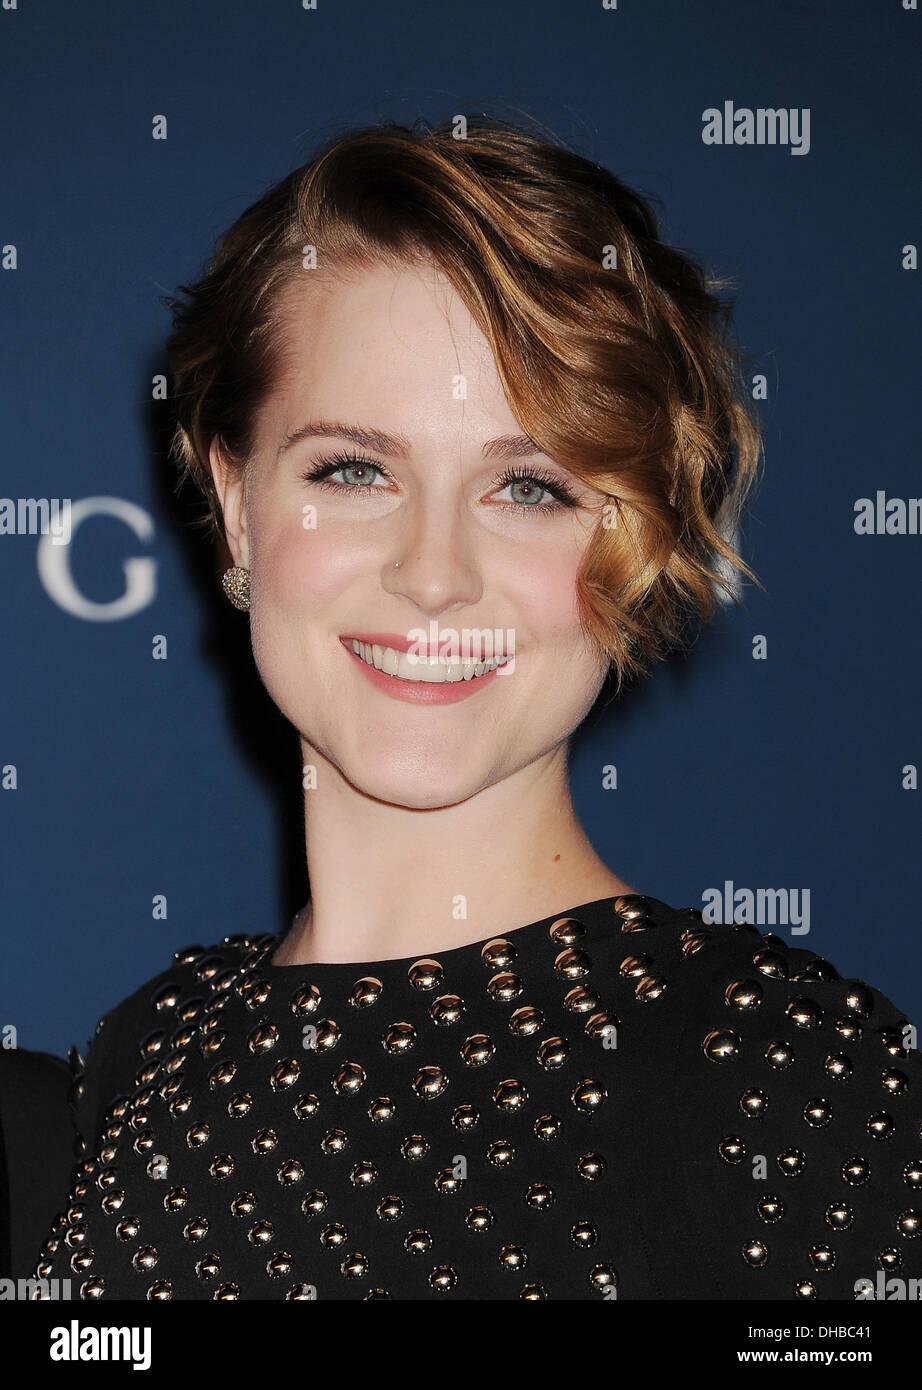 EVAN RACHEL WOOD US film actress in November 2013. Photo Jeffrey Mayer - Stock Image